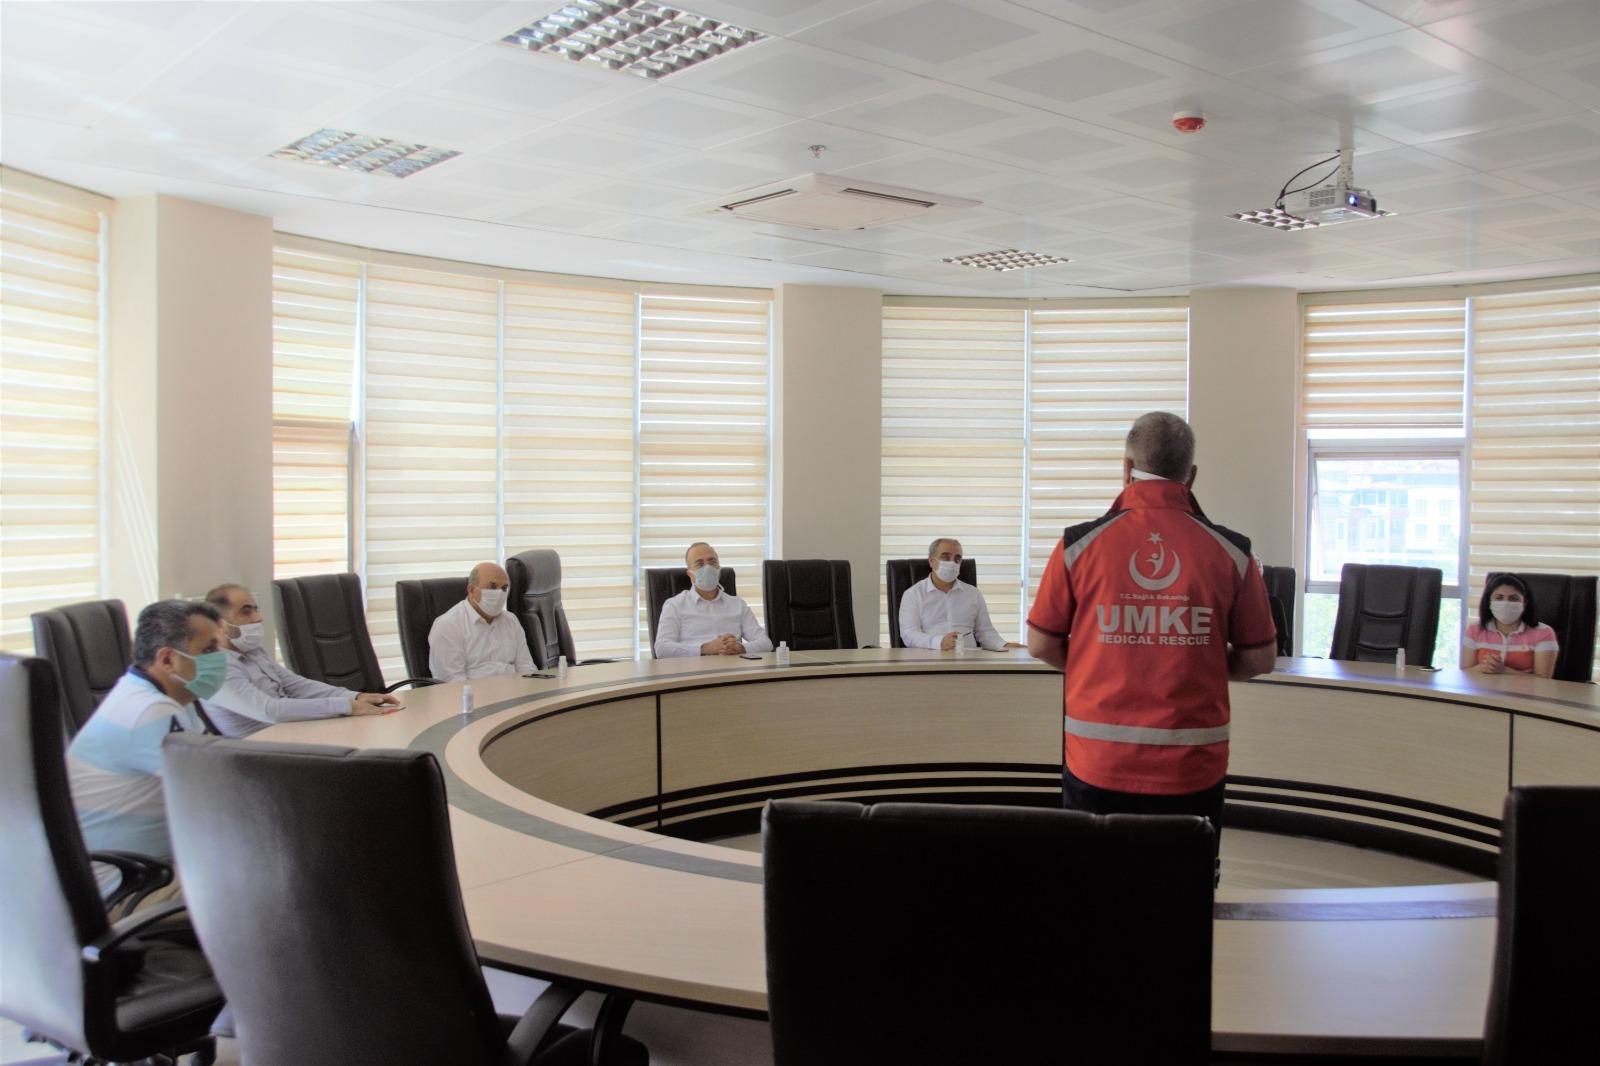 İl Sağlık Müdürlüğümüz Tarafından Afet Ve Acil Durum Konulu Değerlendirme Toplantısı Düzenlendi